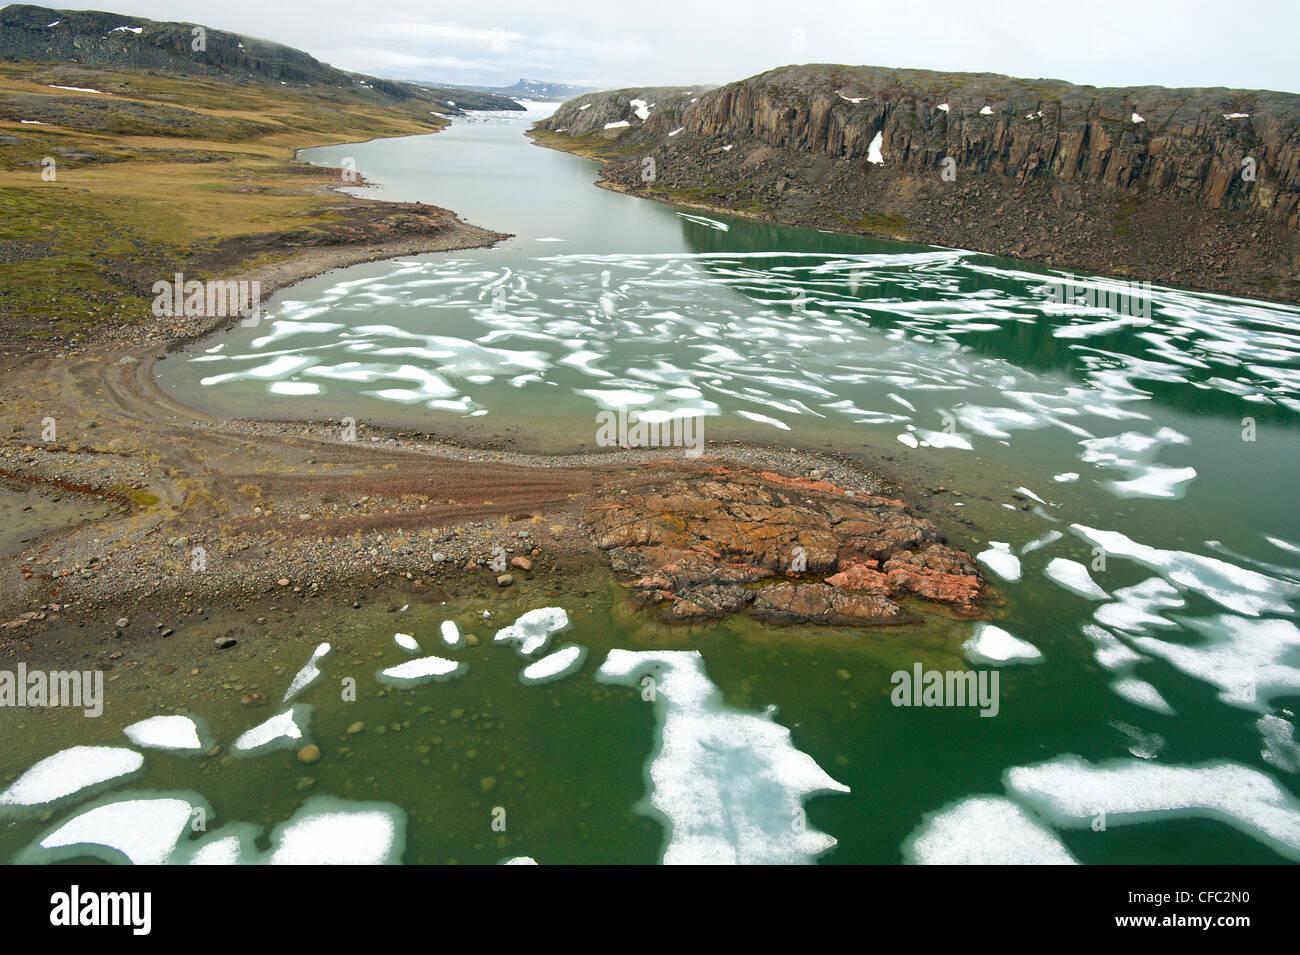 La fonte des glaces dans l'océan Arctique avec des caractéristiques du littoral, le golfe Coronation, au Nunavut Banque D'Images